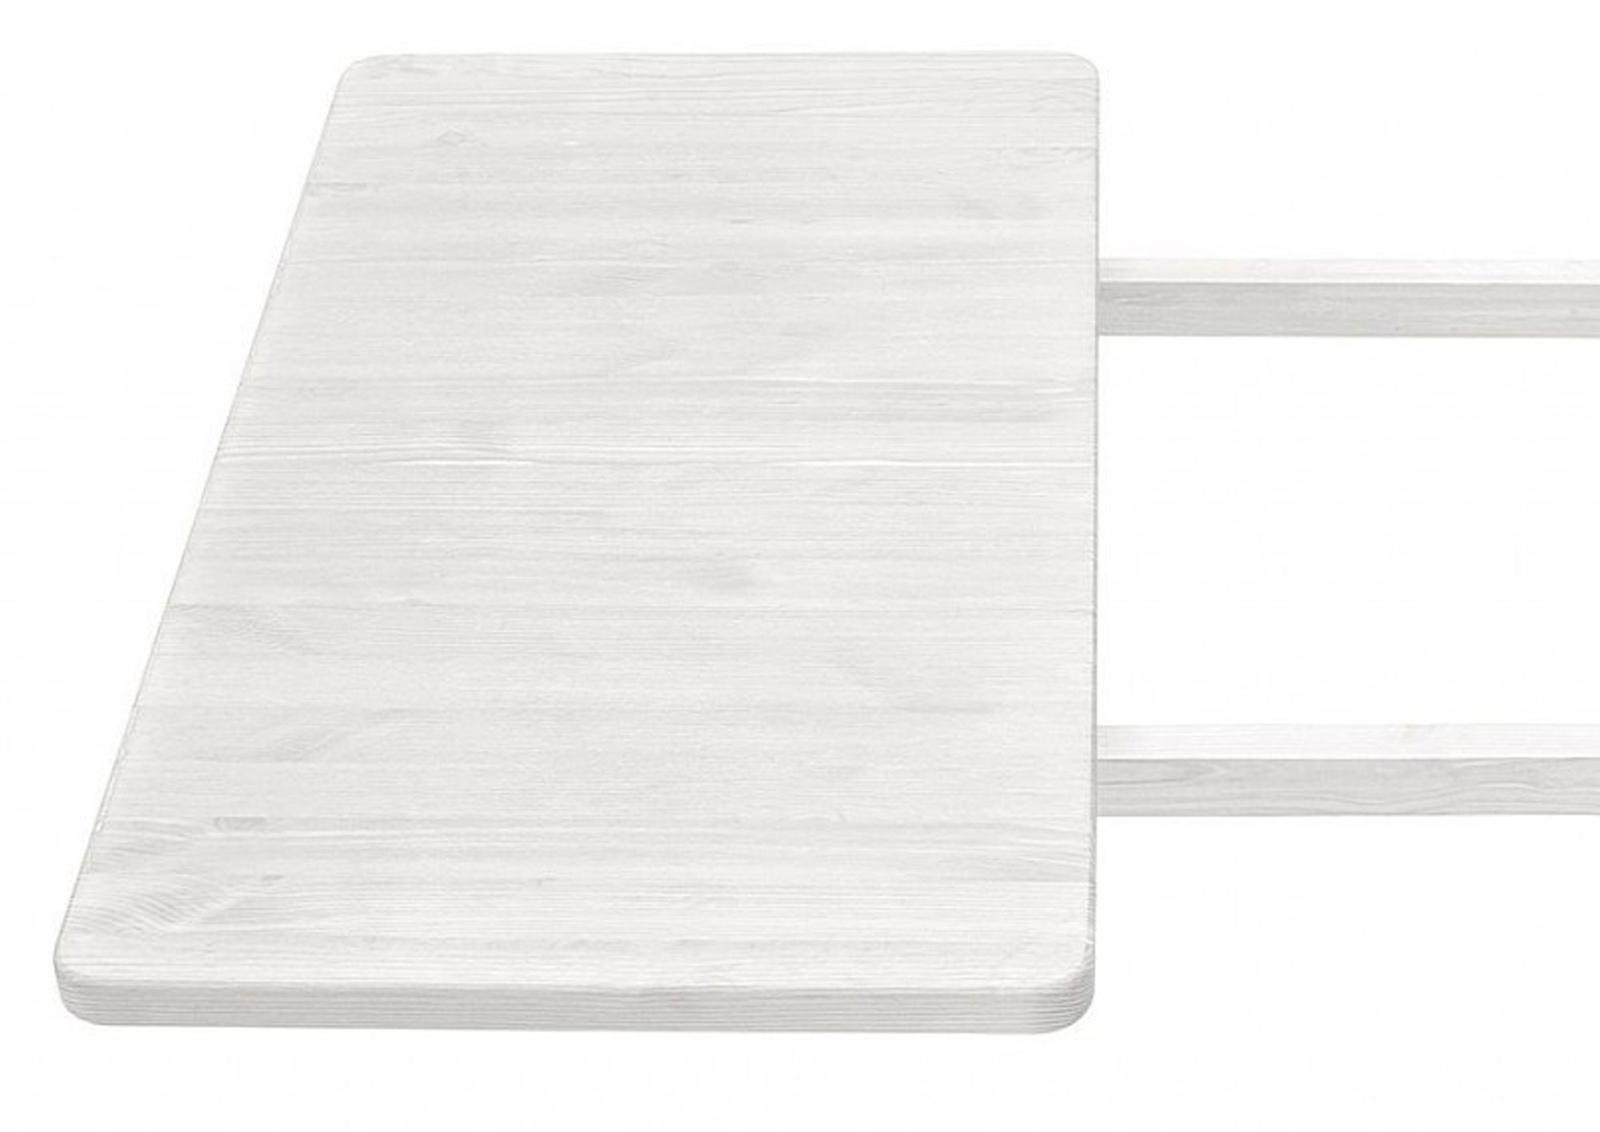 Massivholz Ansteckplatte für Bergen Esstische, Bild 6